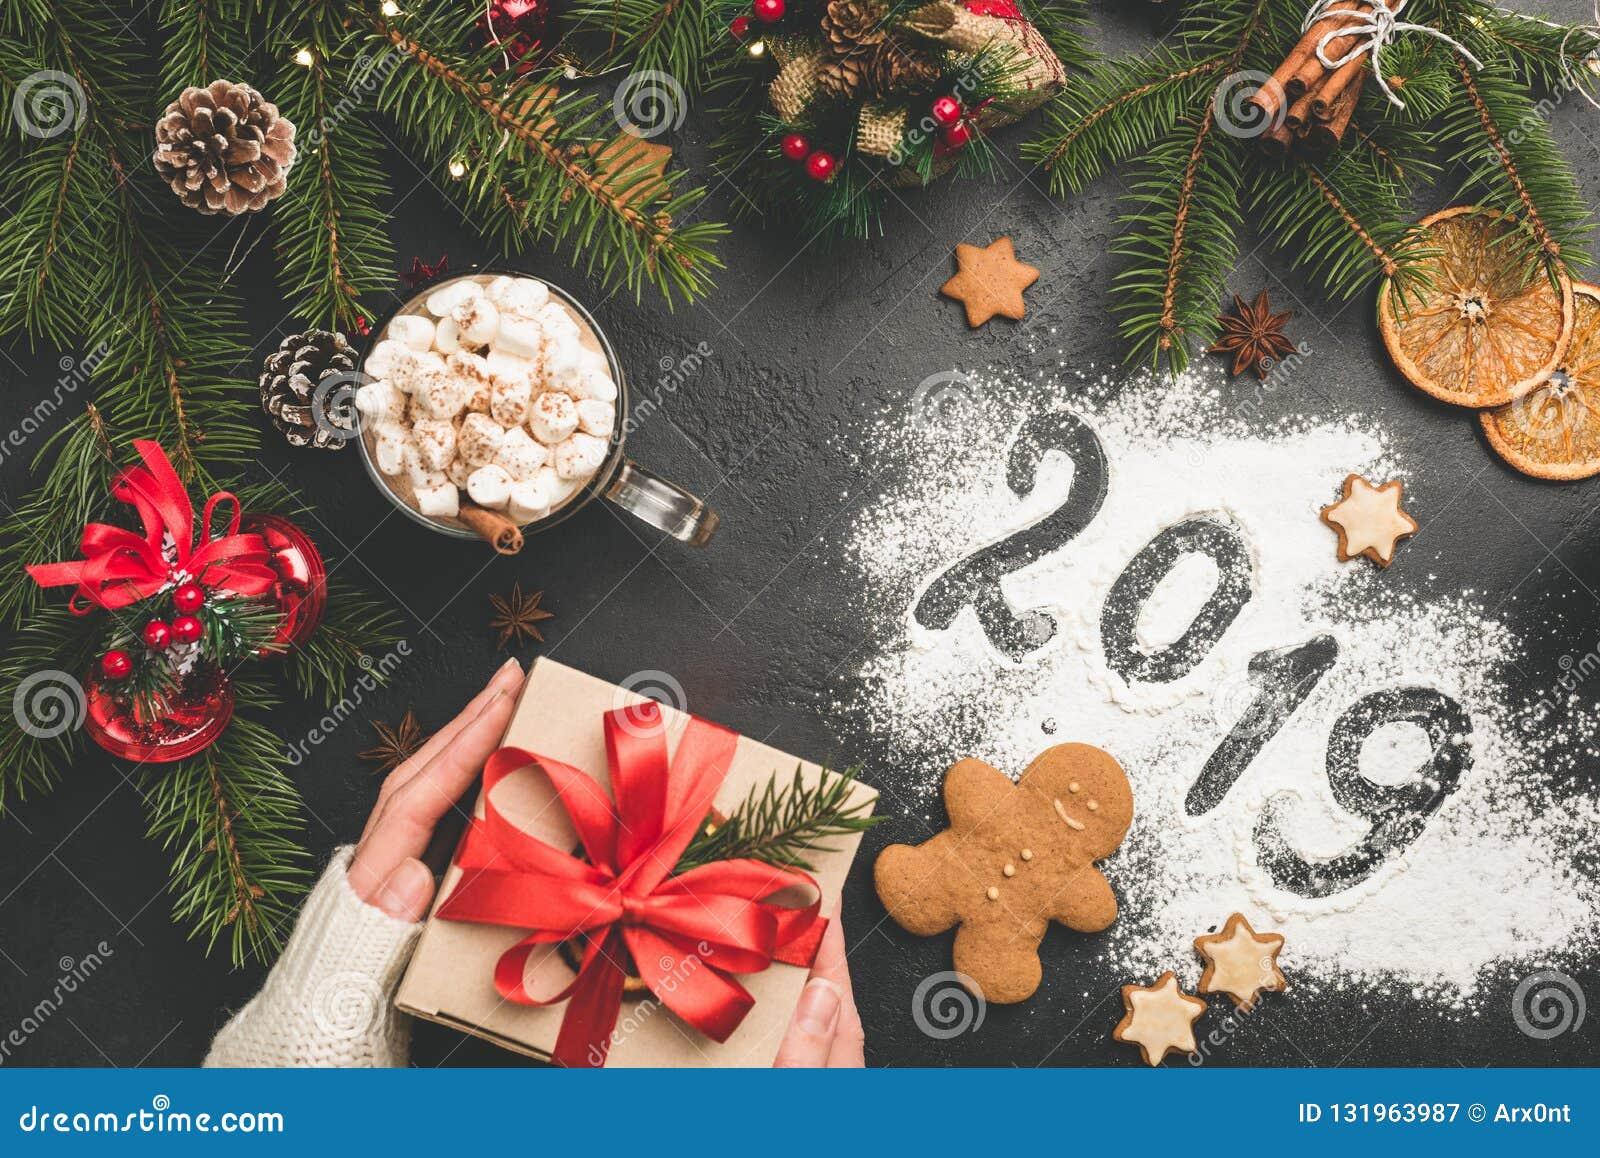 Image Ou Photo De Noel.Fond De Noel 2019 Ou De Nouvelle Annee Avec Le Boite Cadeau